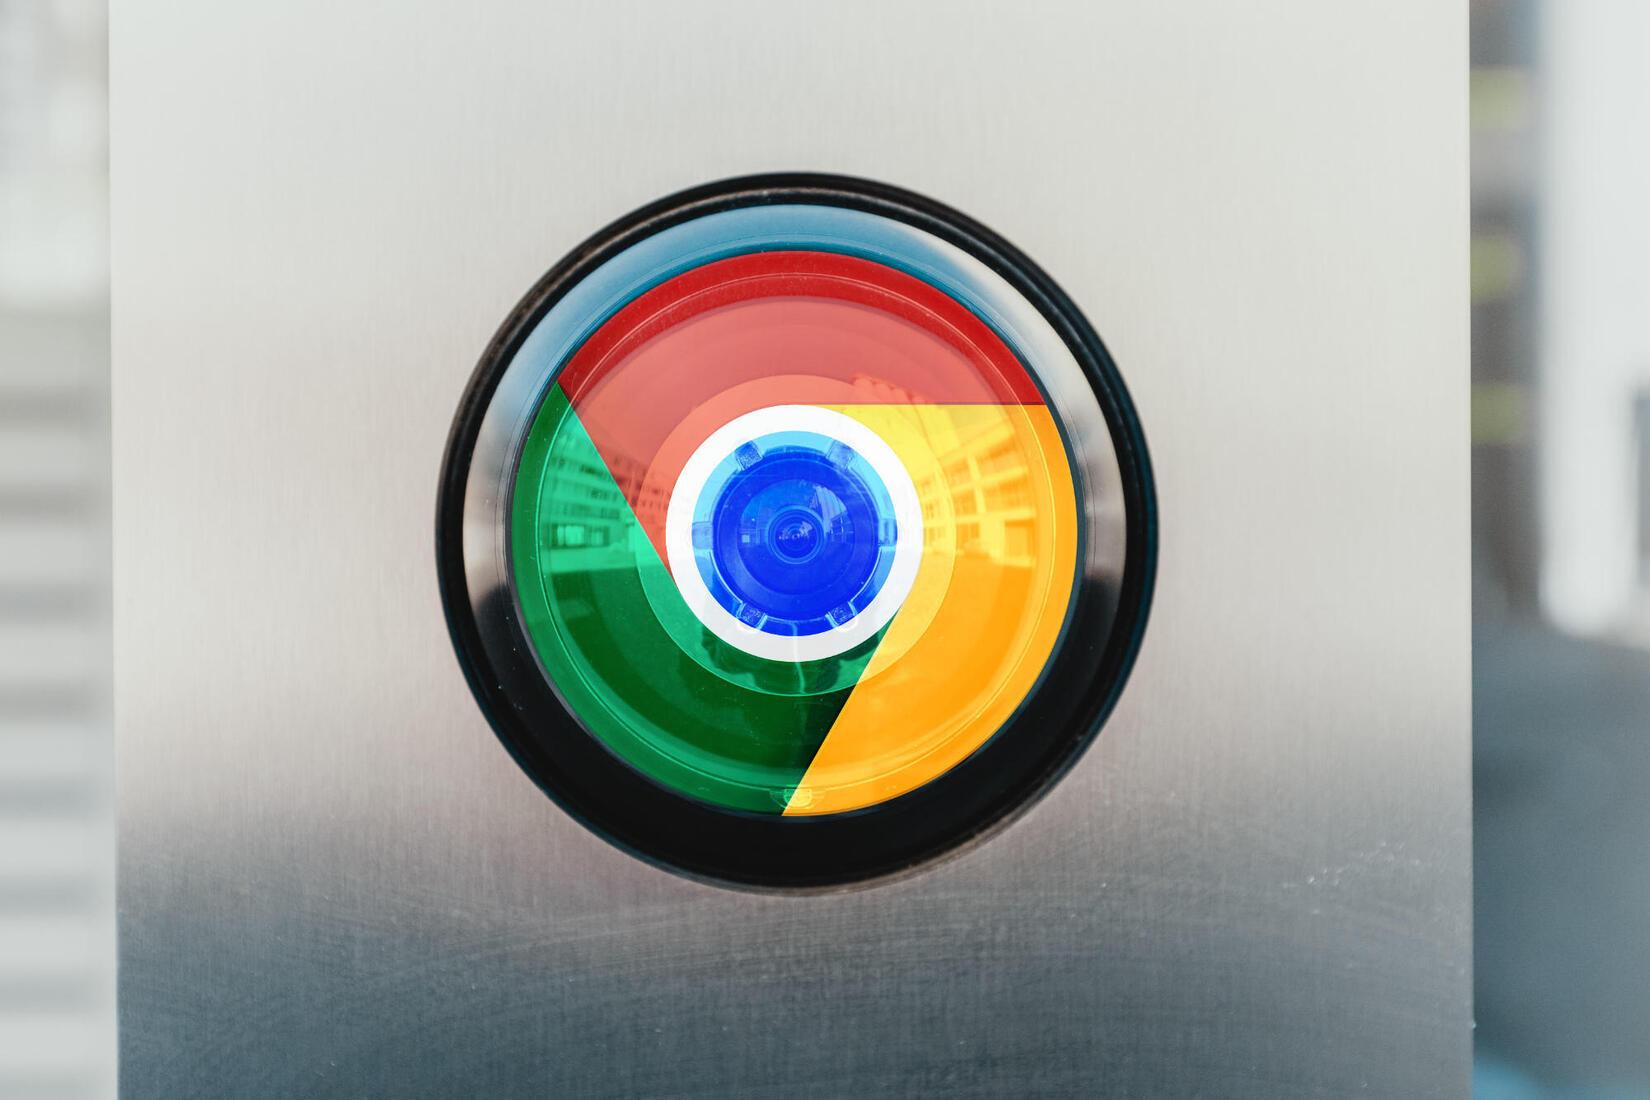 mashup of camera and chrome logo